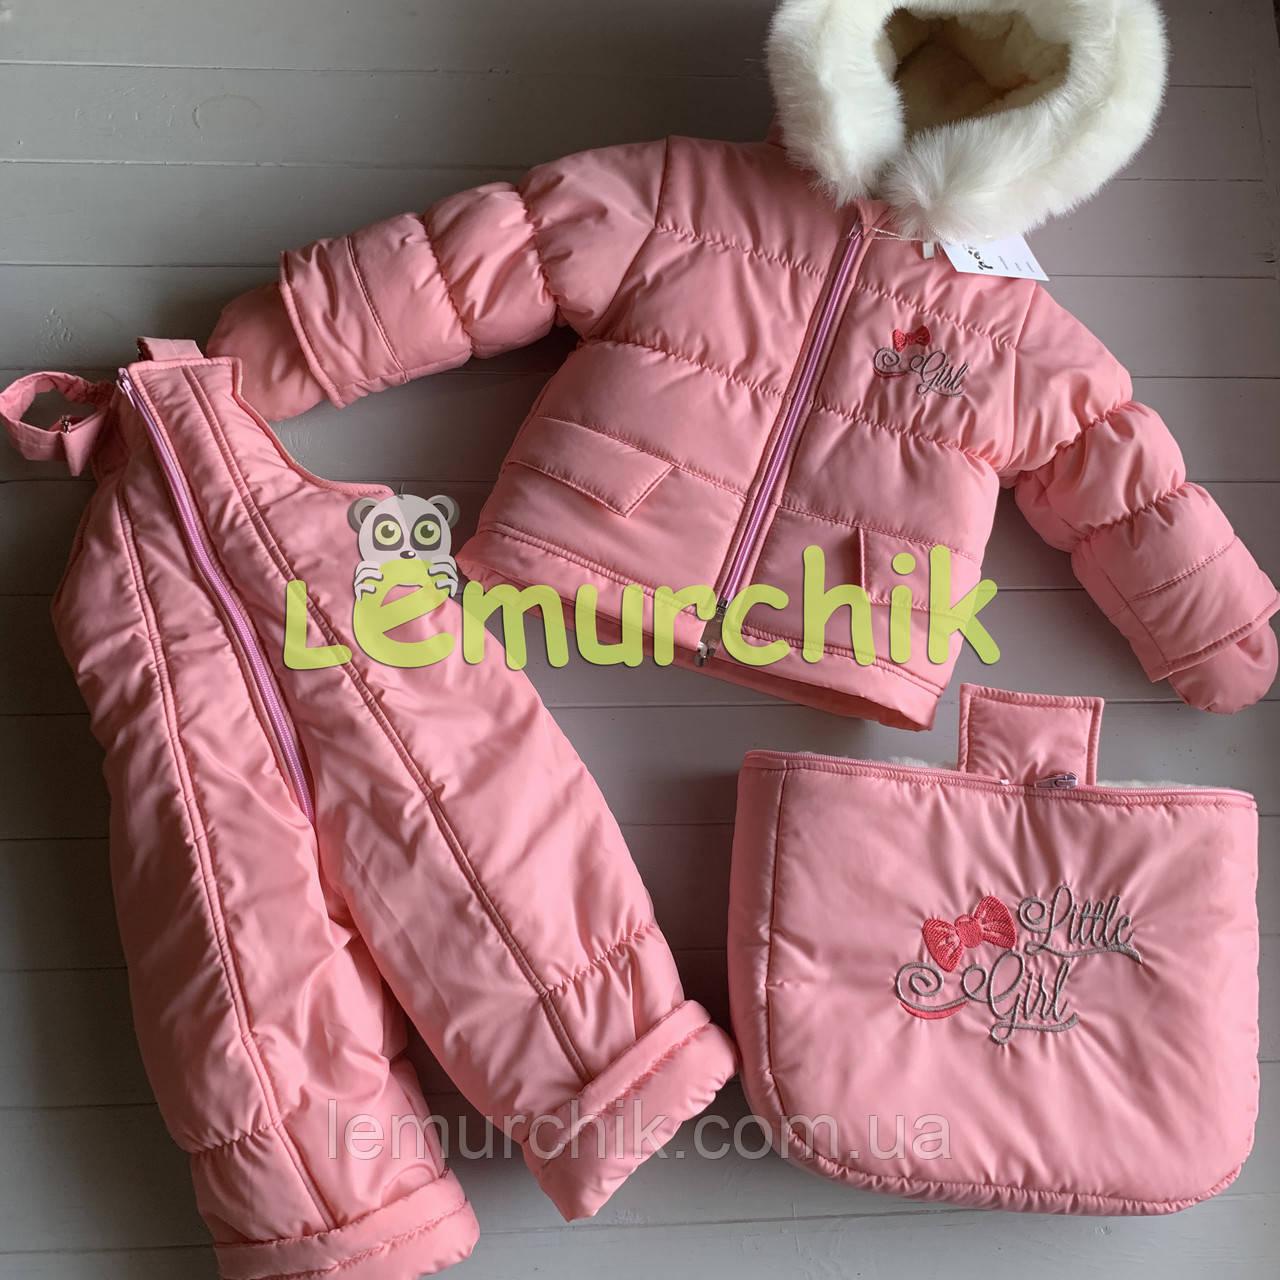 Детский зимний комбинезон-трансформер (куртка+штаны комбинезон+мешочек), перламутрово-розовый